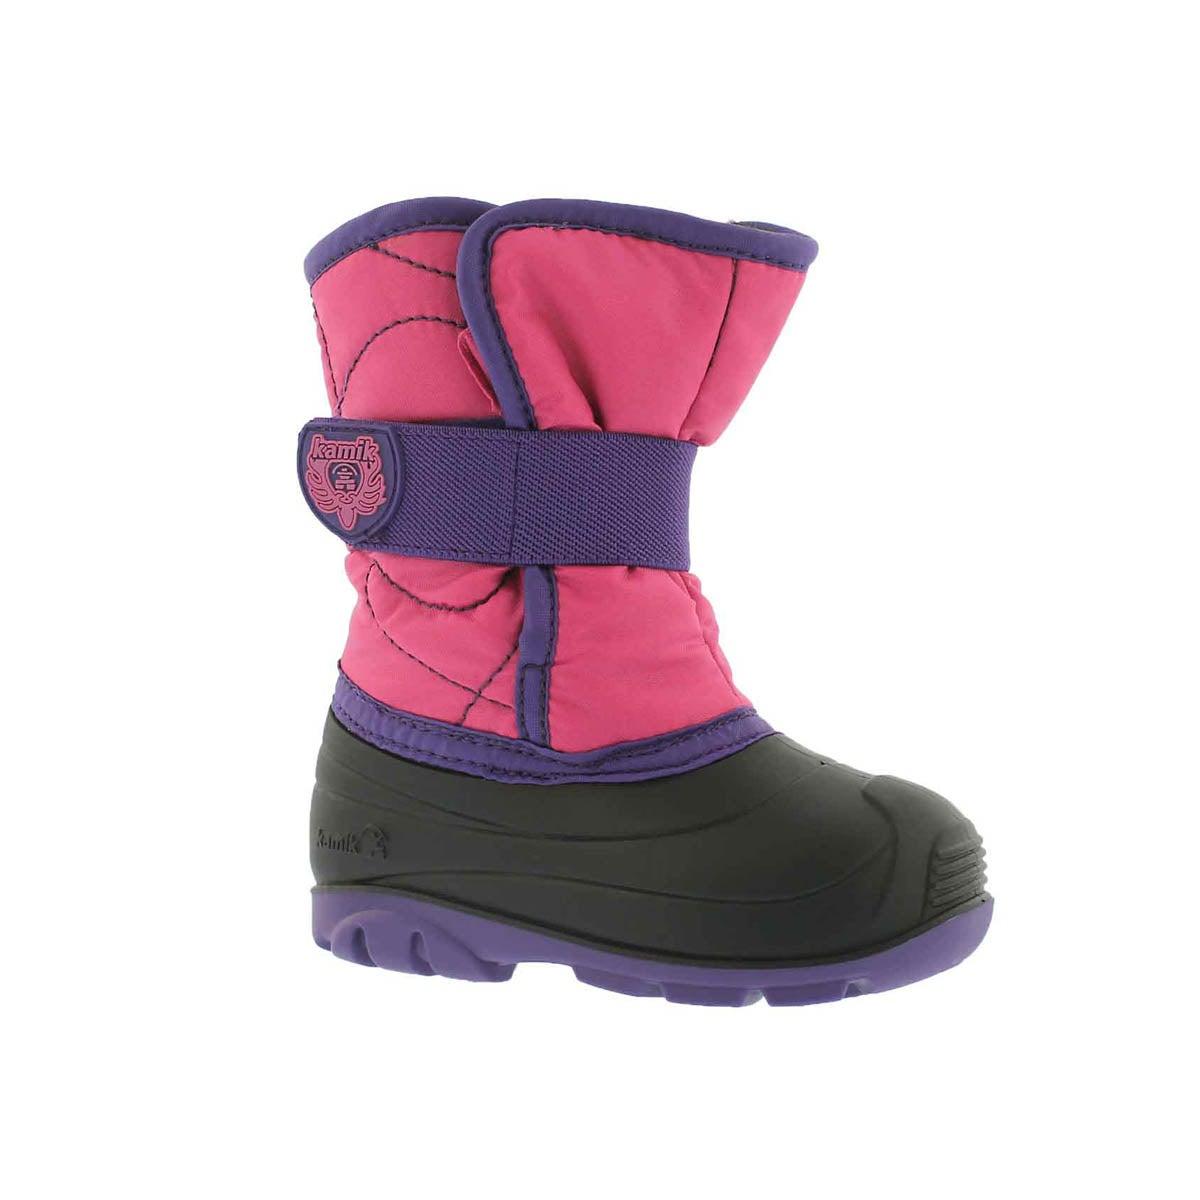 Infants' SNOWBUG 3 pink waterproof winter boots